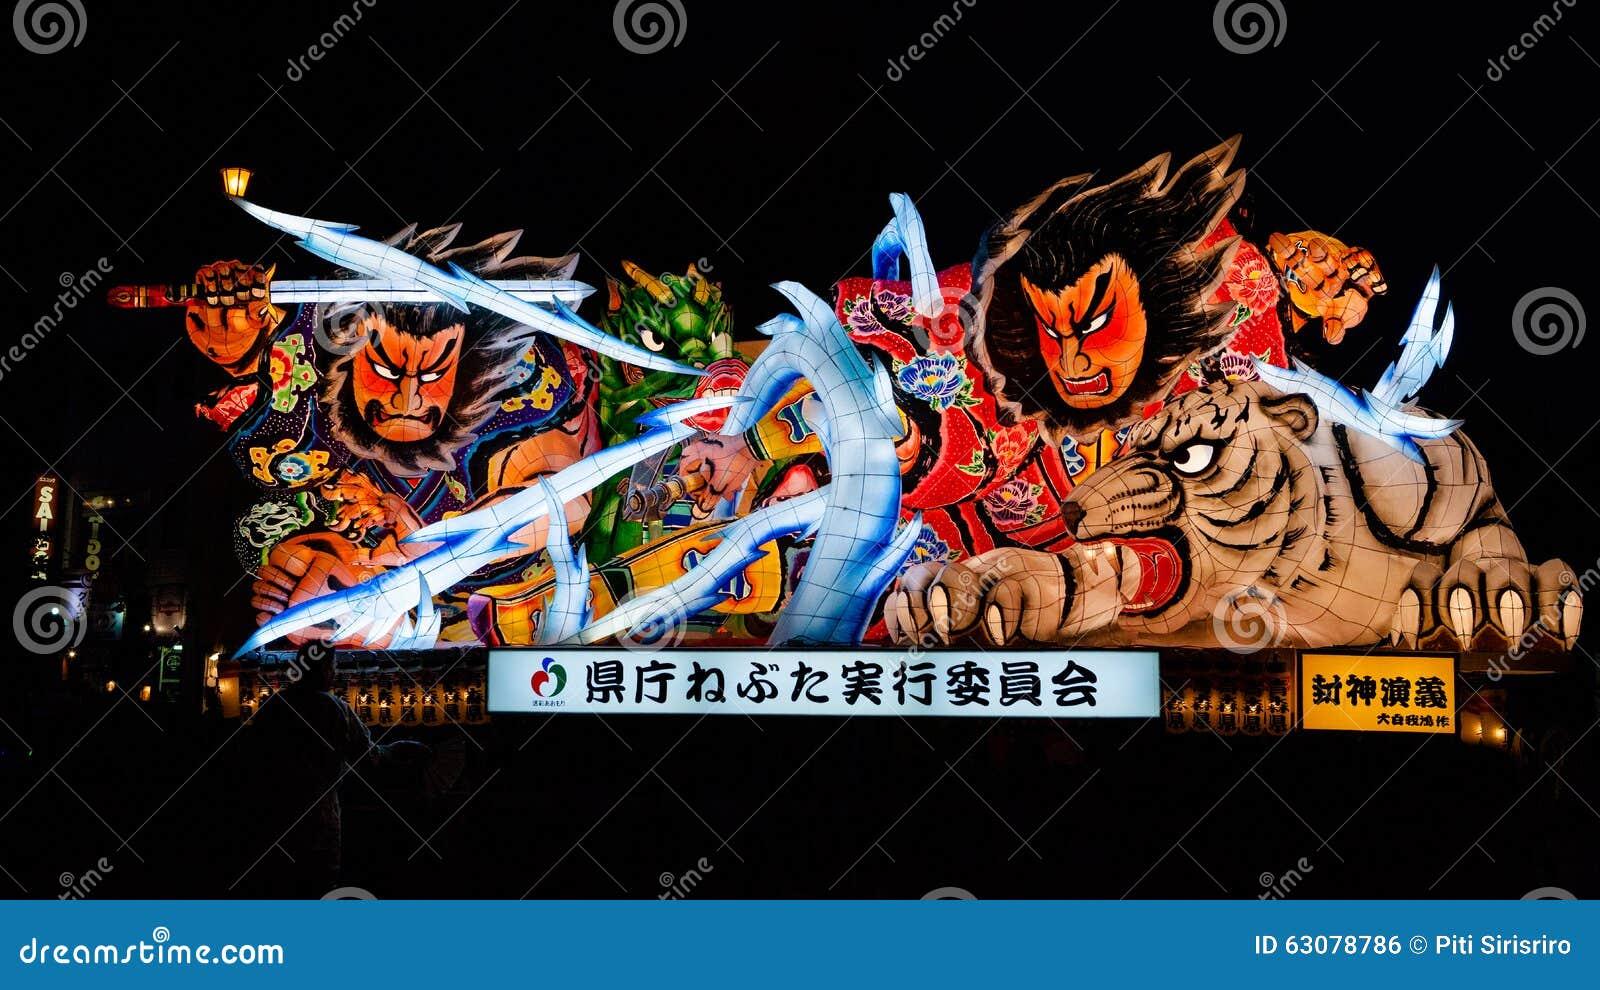 Παρέλαση επιπλεόντων σωμάτων Nebuta στην πόλη Aomori, Ιαπωνία στις 6 Αυγούστου 2015